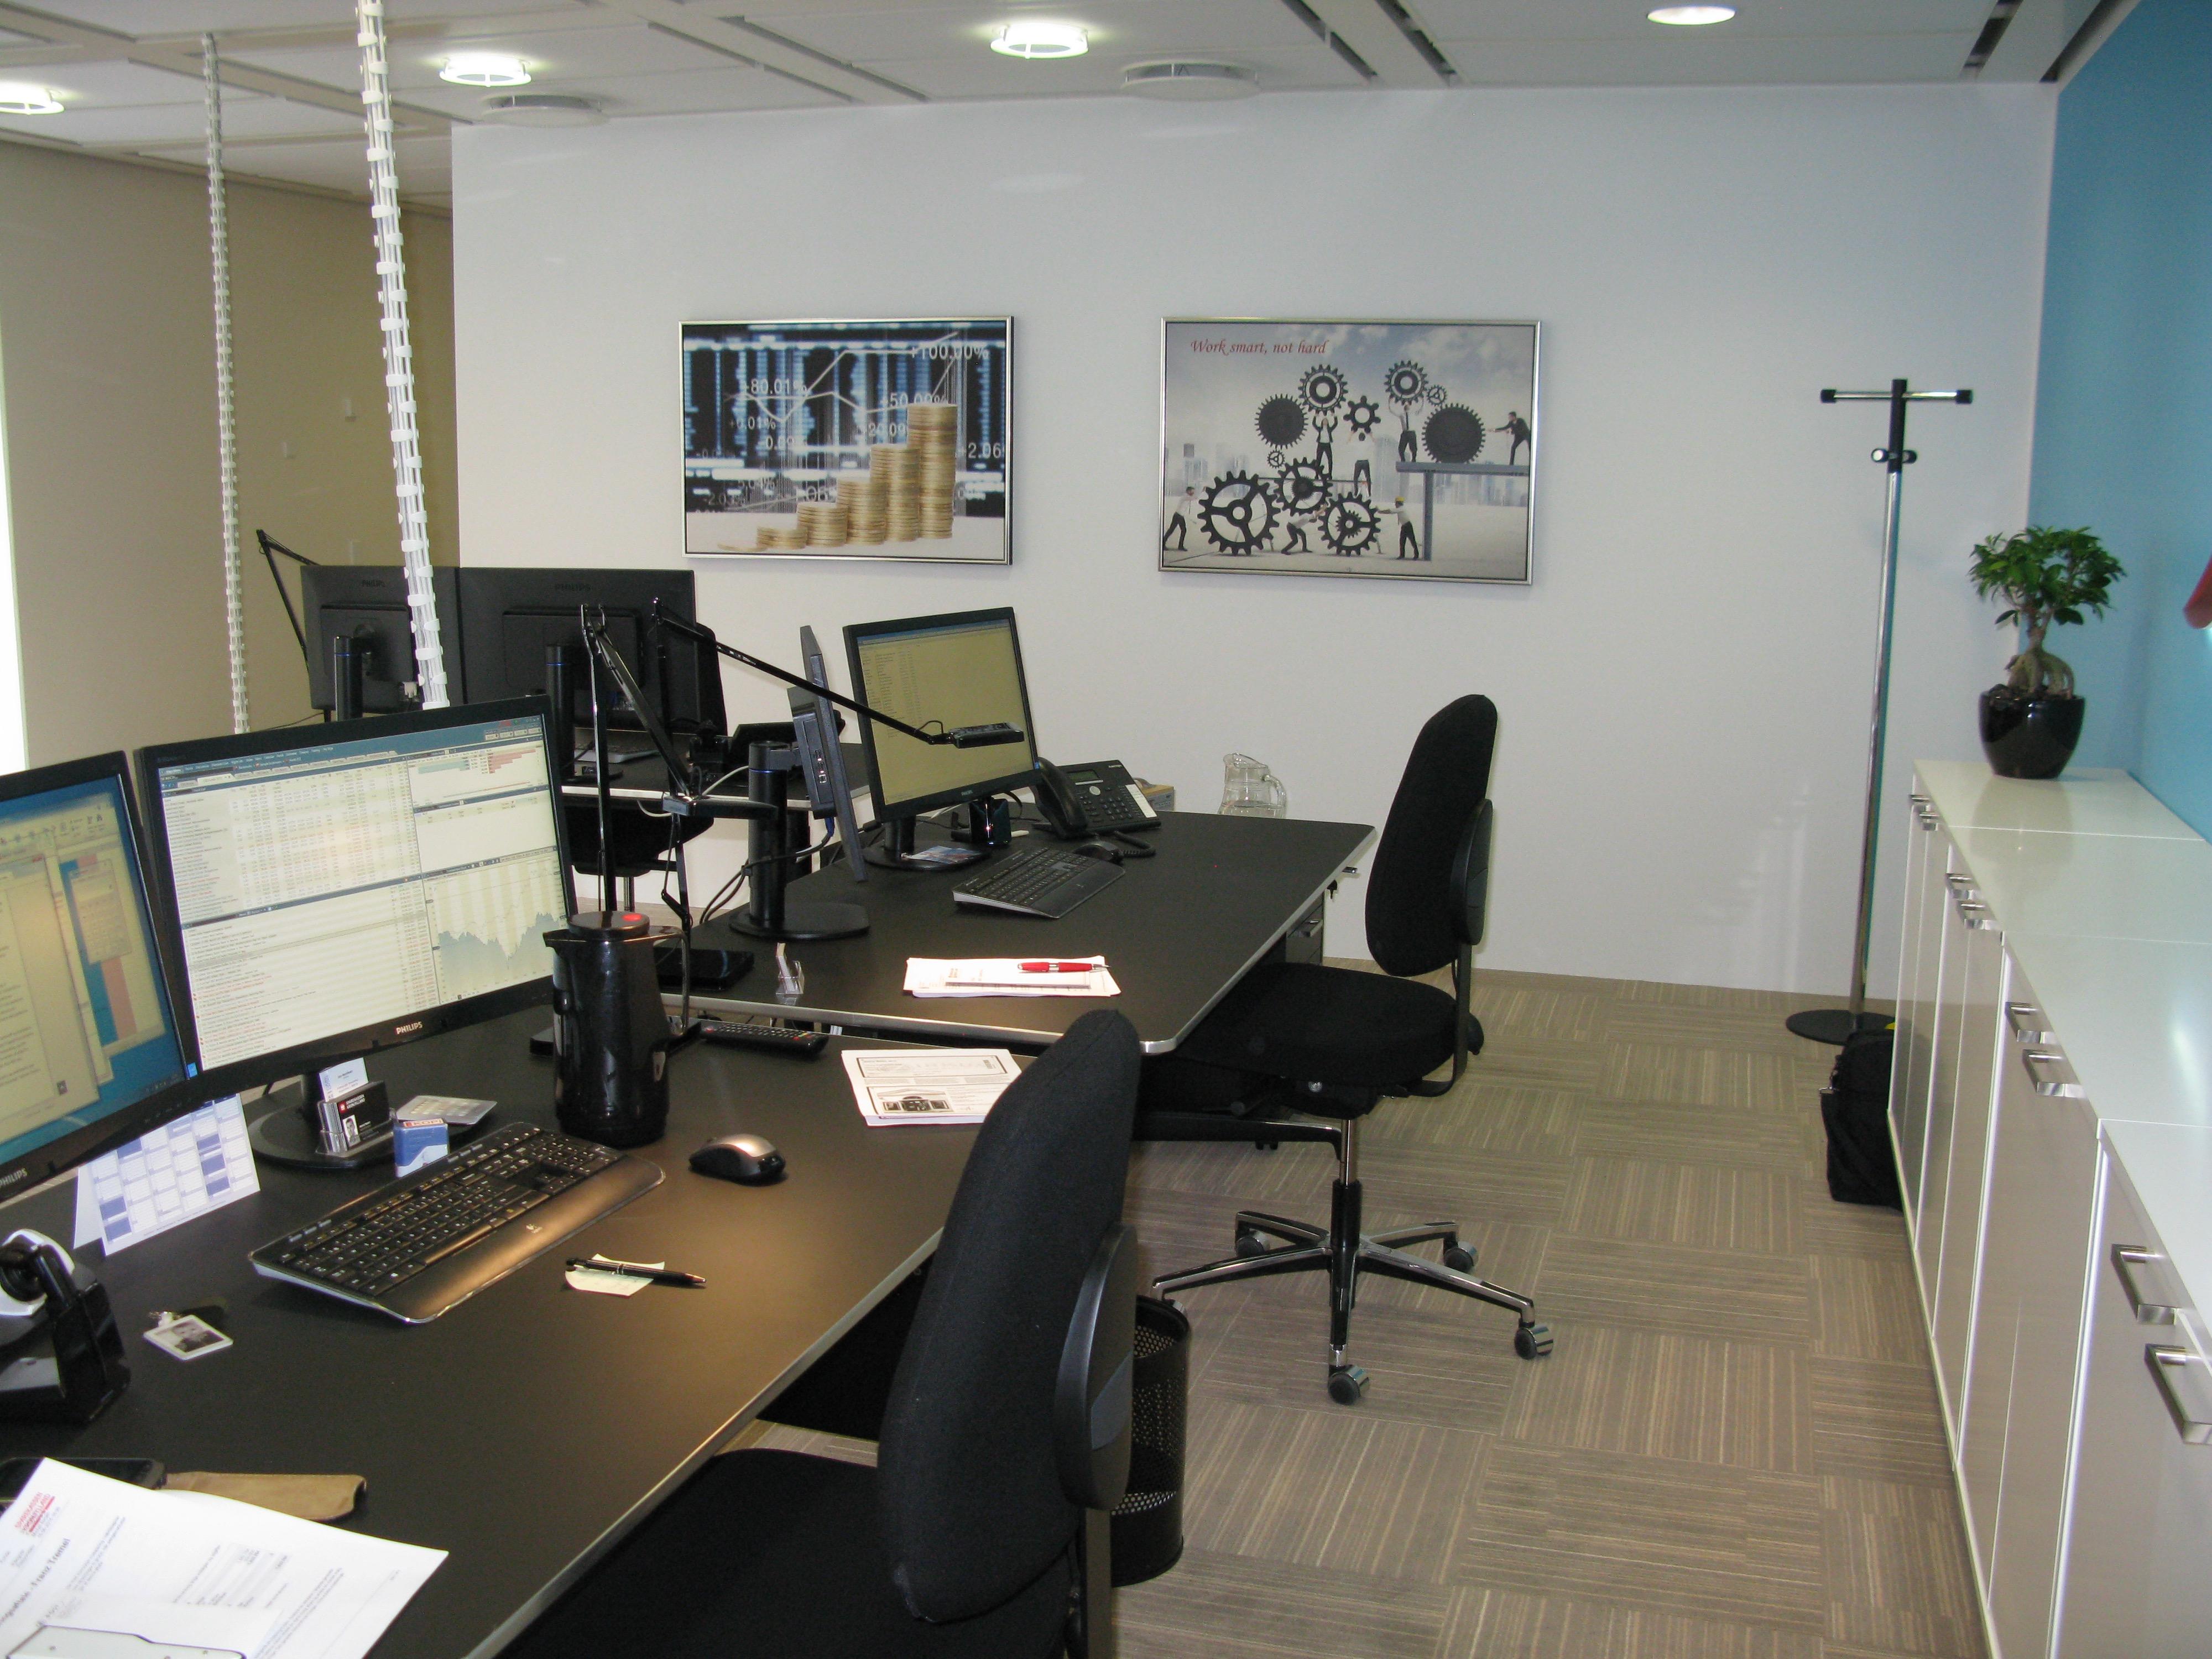 I mine løsningsforslag placerer jeg møblerne så de er med til at støtte arbejdsgangen og derved akustikken